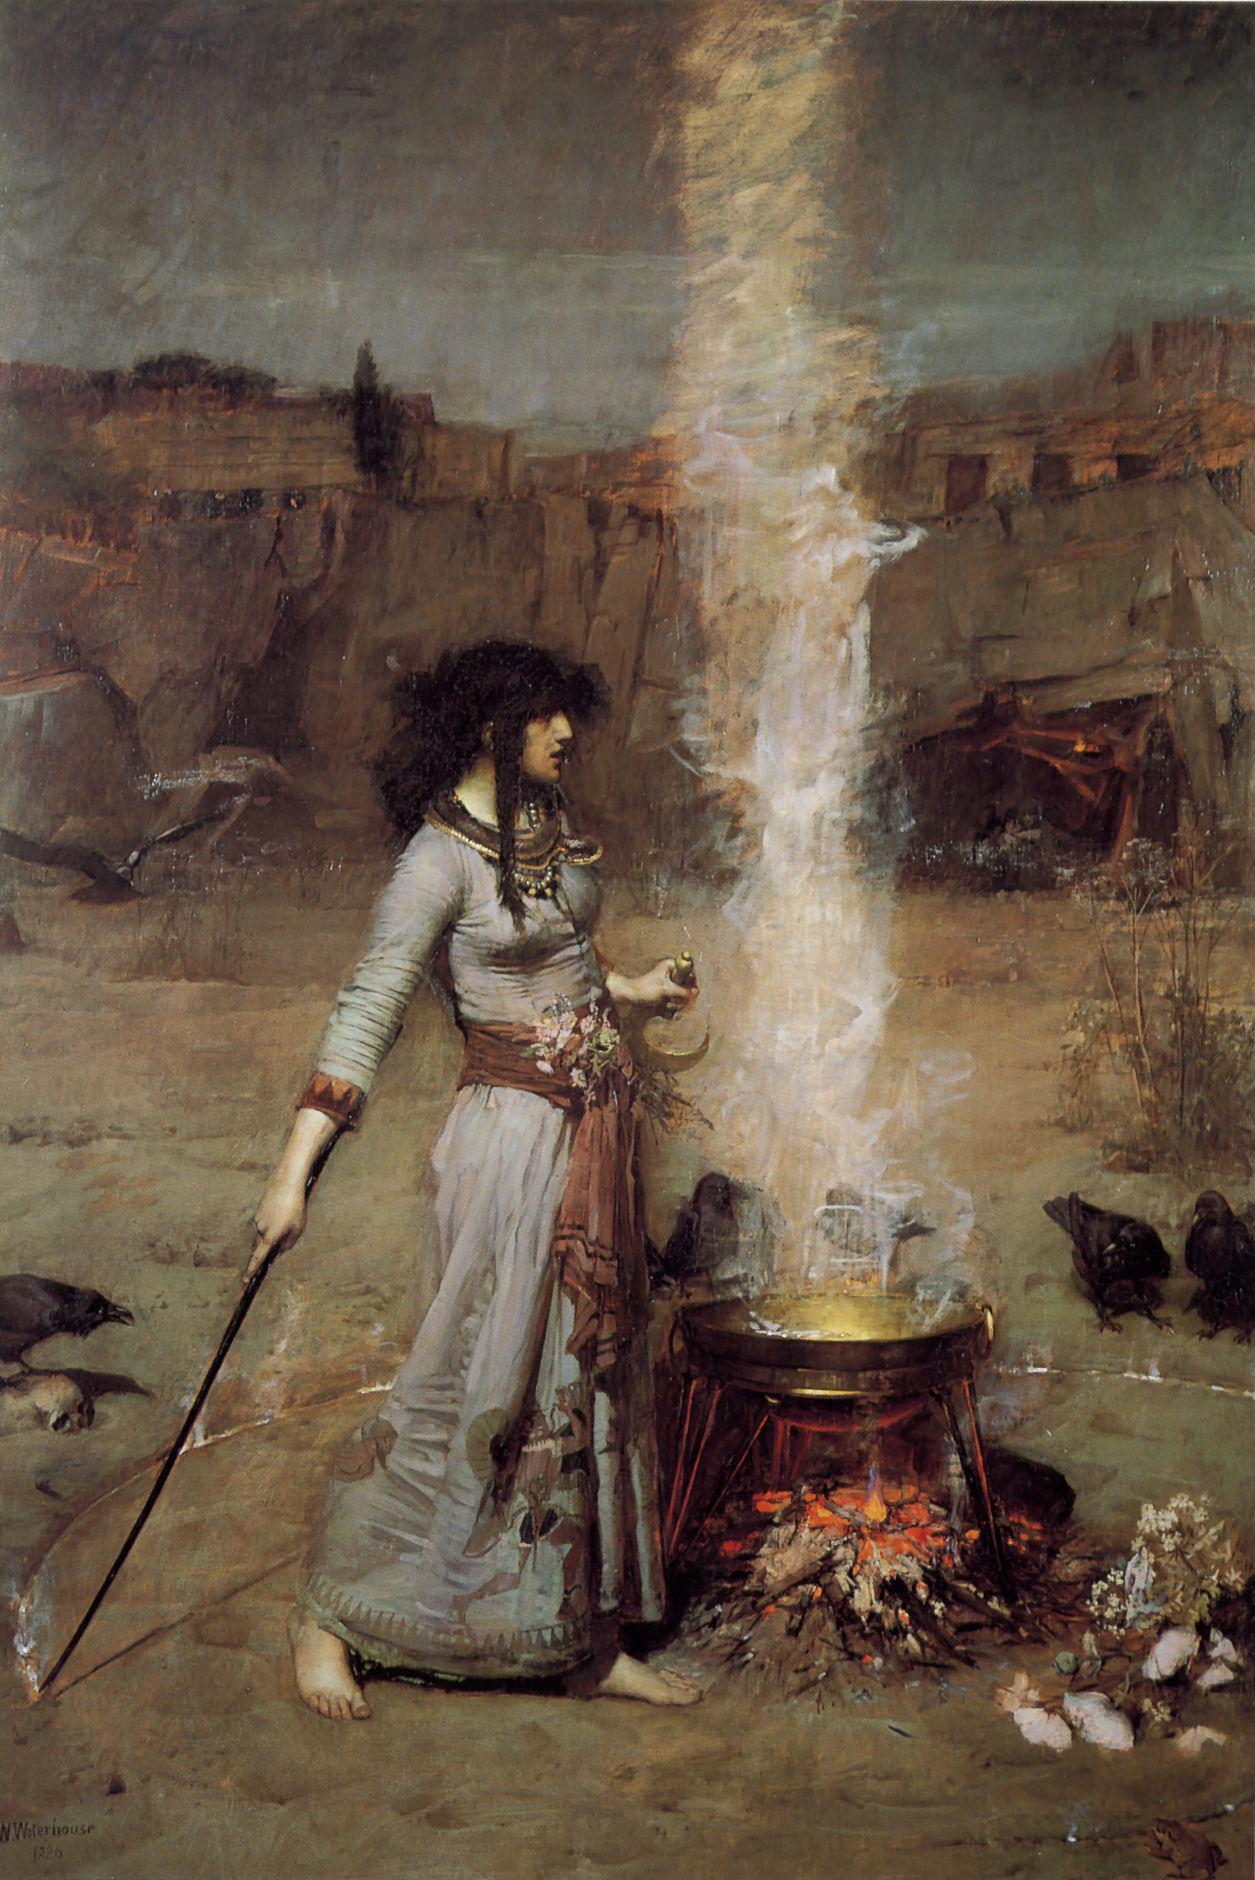 3. Bruja y el círculo mágico. Obra de J. W. Waterhouse. 1886